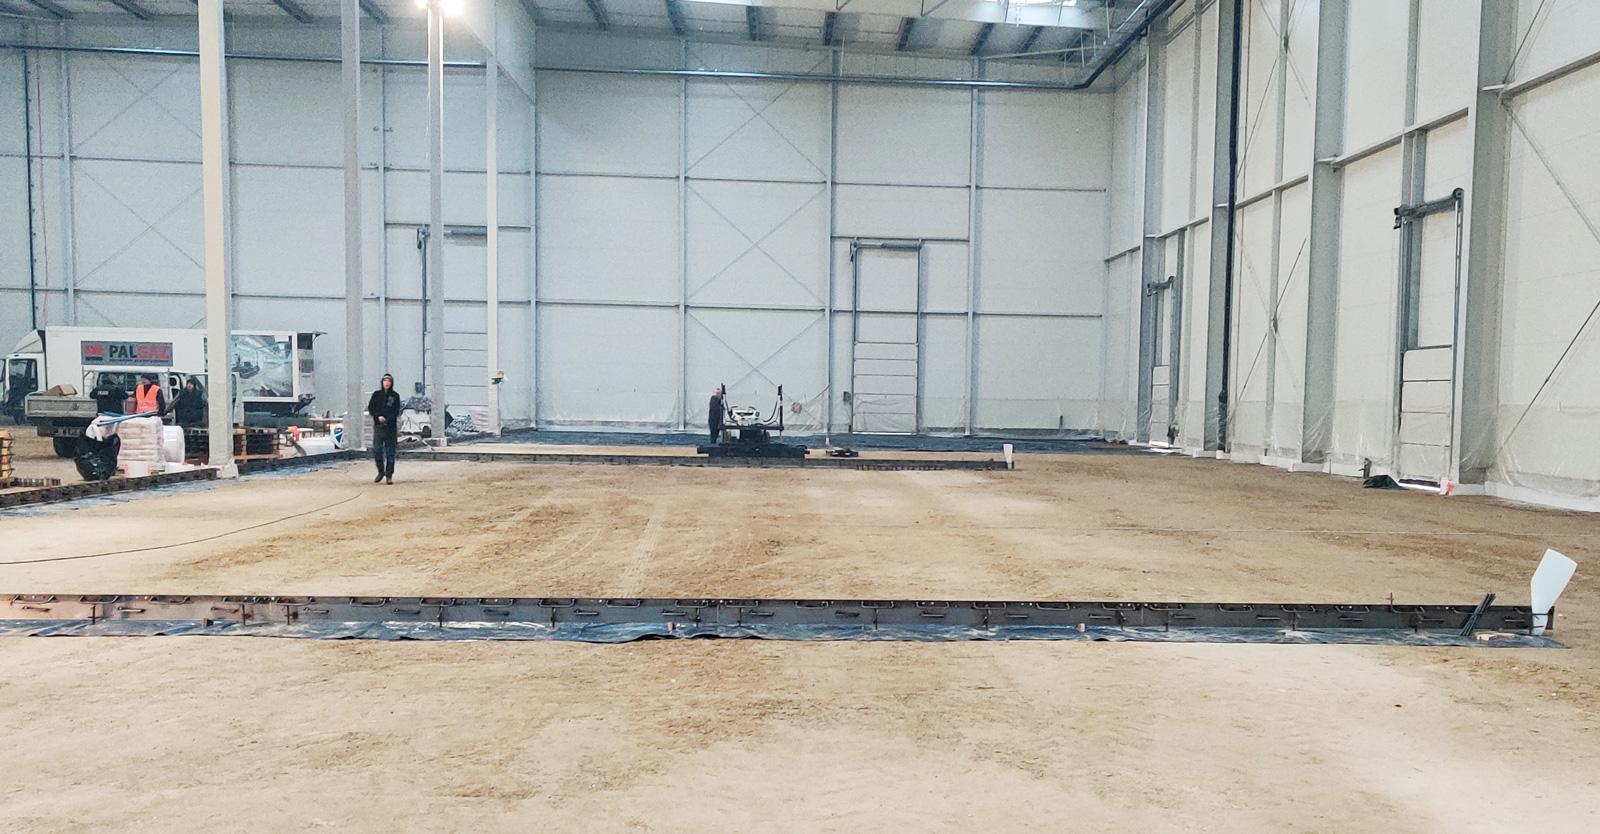 wnętrze hali przygotowane do ułożenia posadzki - inwestycja w systemie zaprojektuj i wybuduj, dla Grupa Inco, realizacja CoBouw Polska, w woj. warmińsko-mazurskim